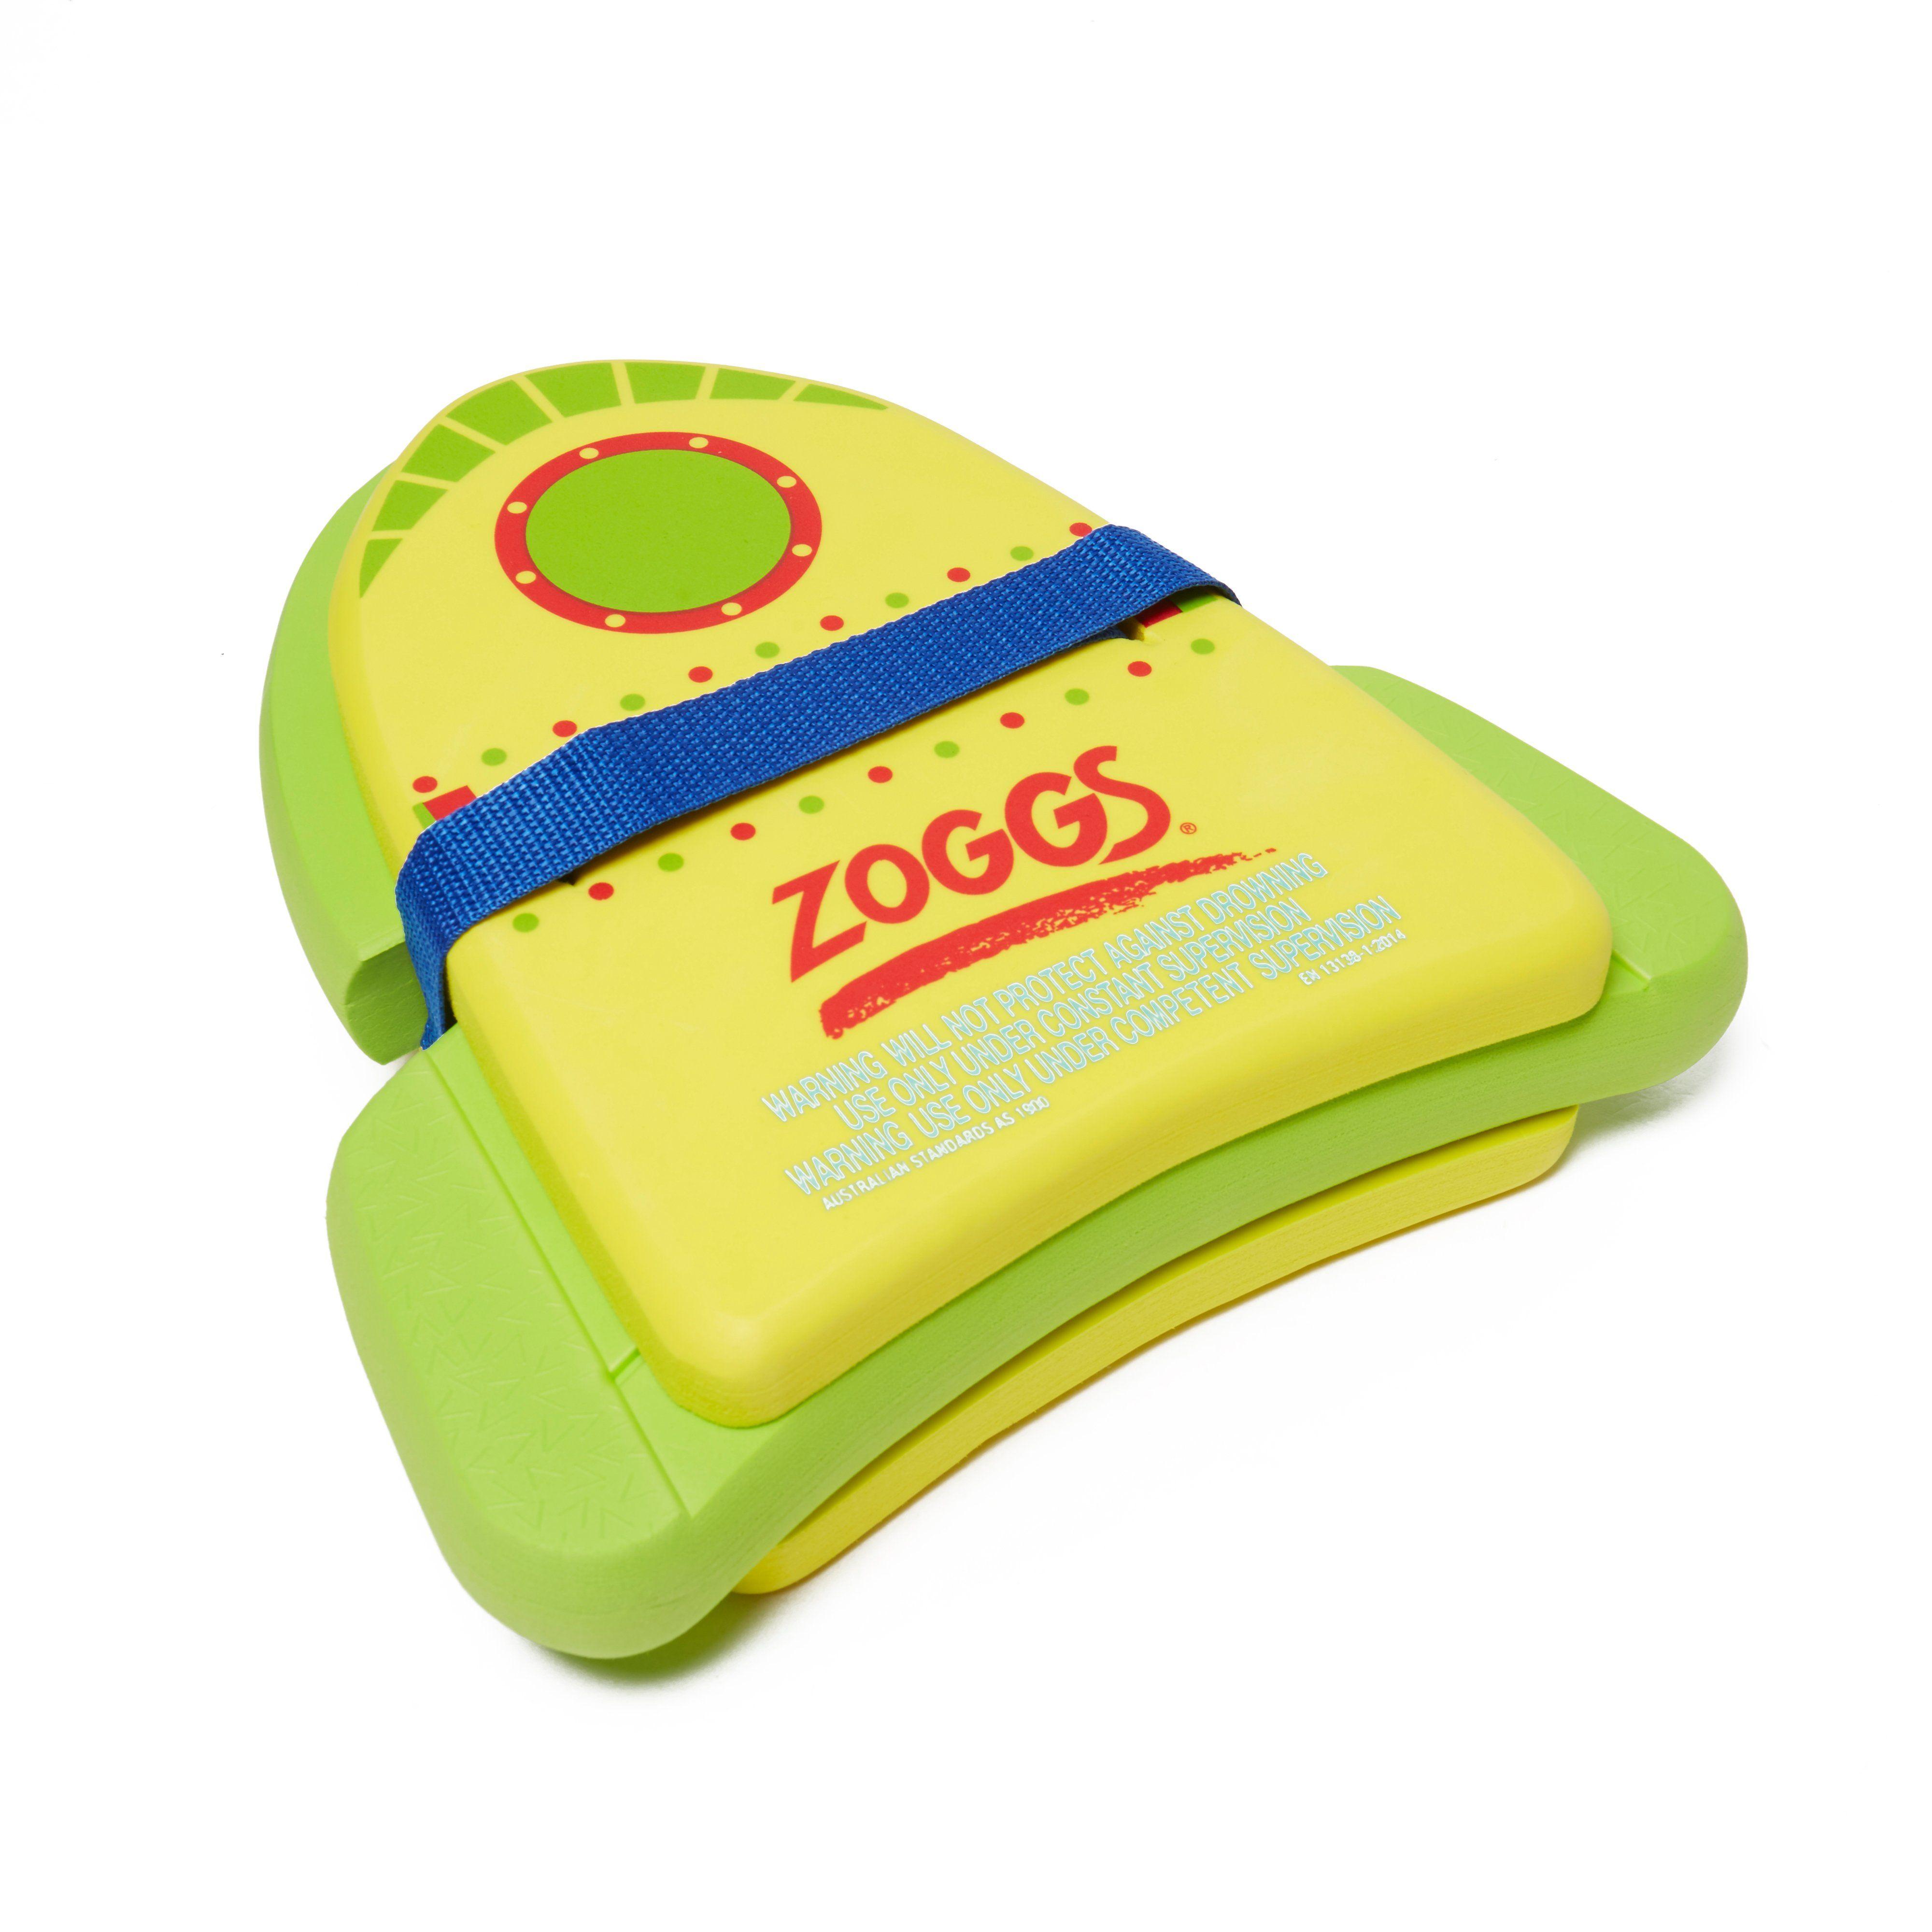 Zoggs Jet 3 in 1 Junior Float